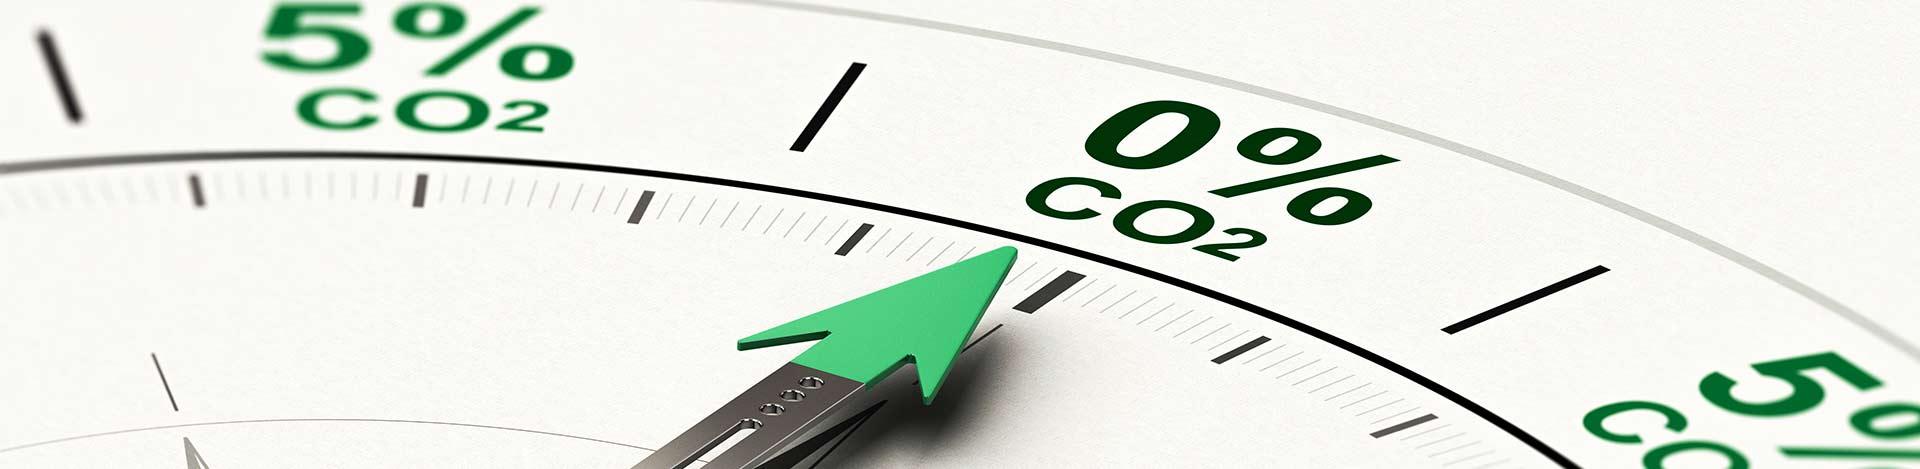 Réduction des émissions CO2 et du coût de l'énergie